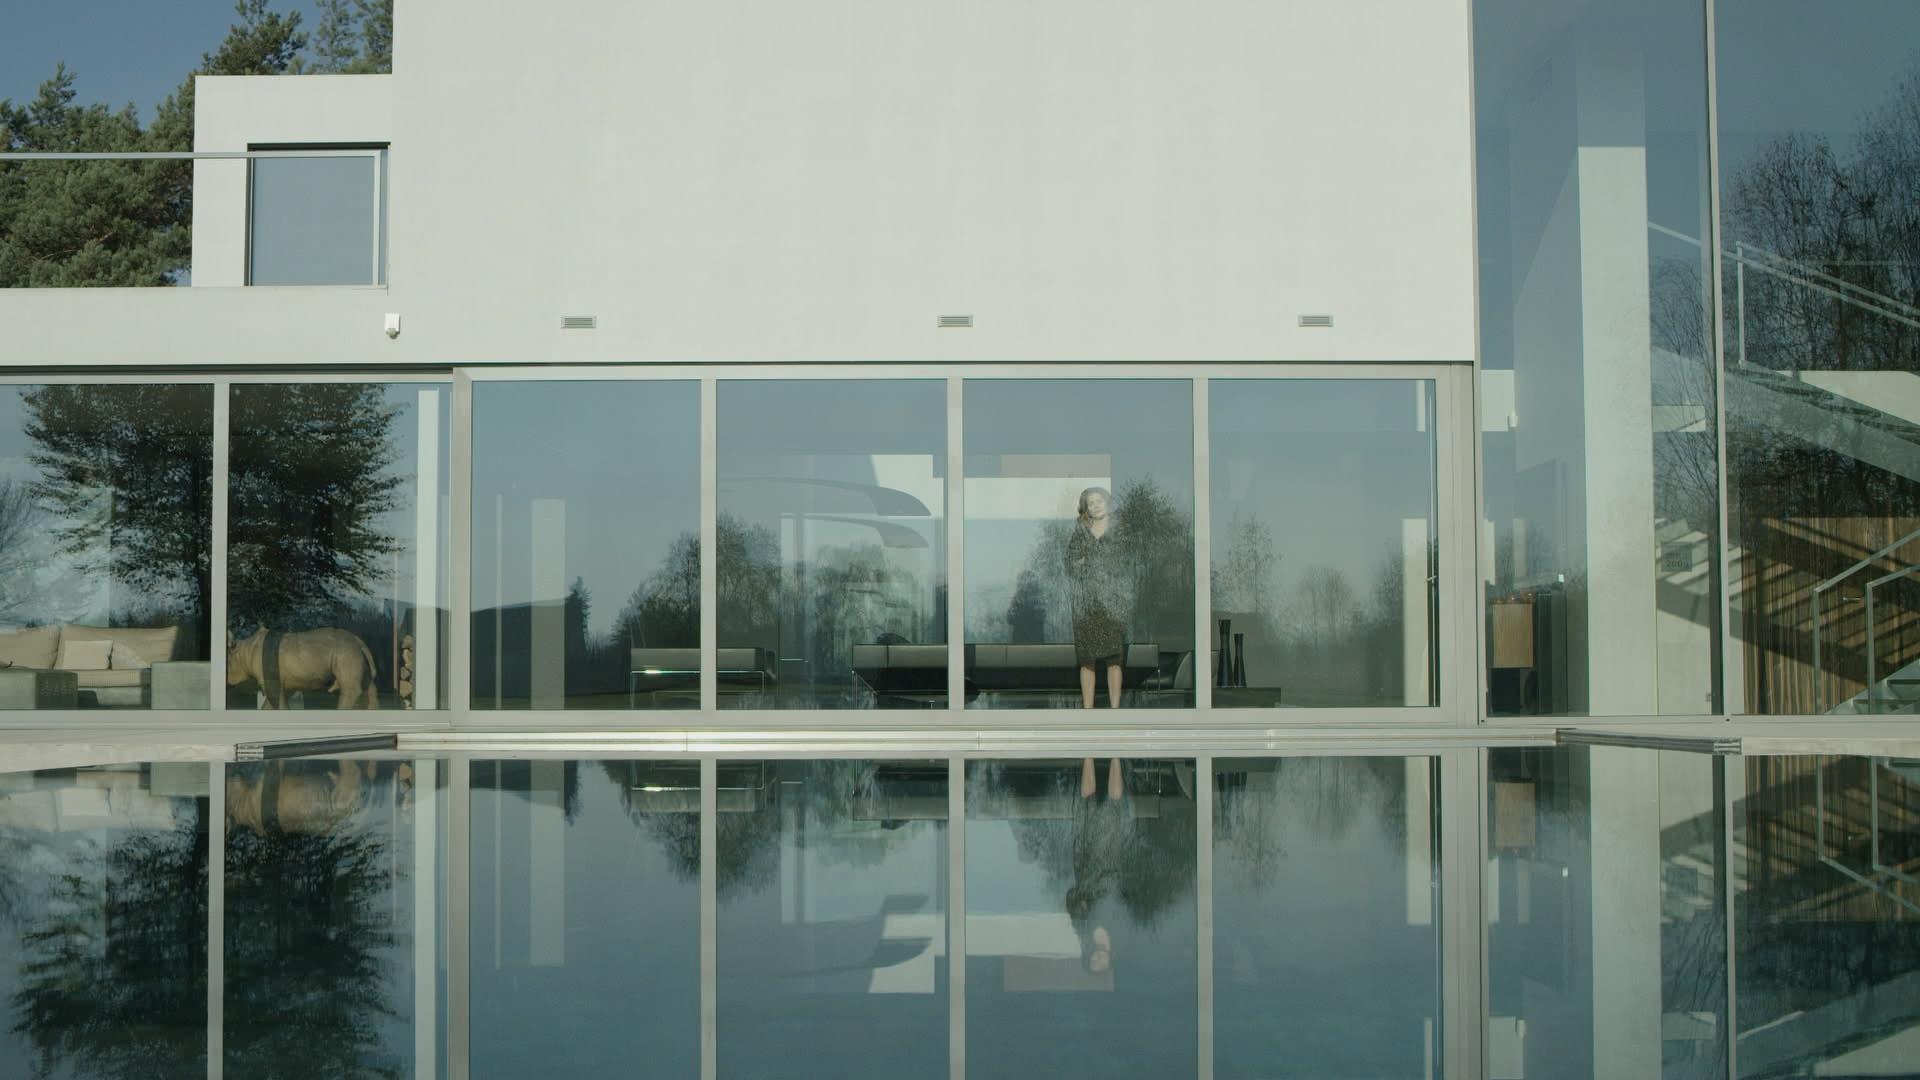 """Pustka domów ze szkła – recenzja filmu """"Miłość w Mieście Ogrodów"""""""